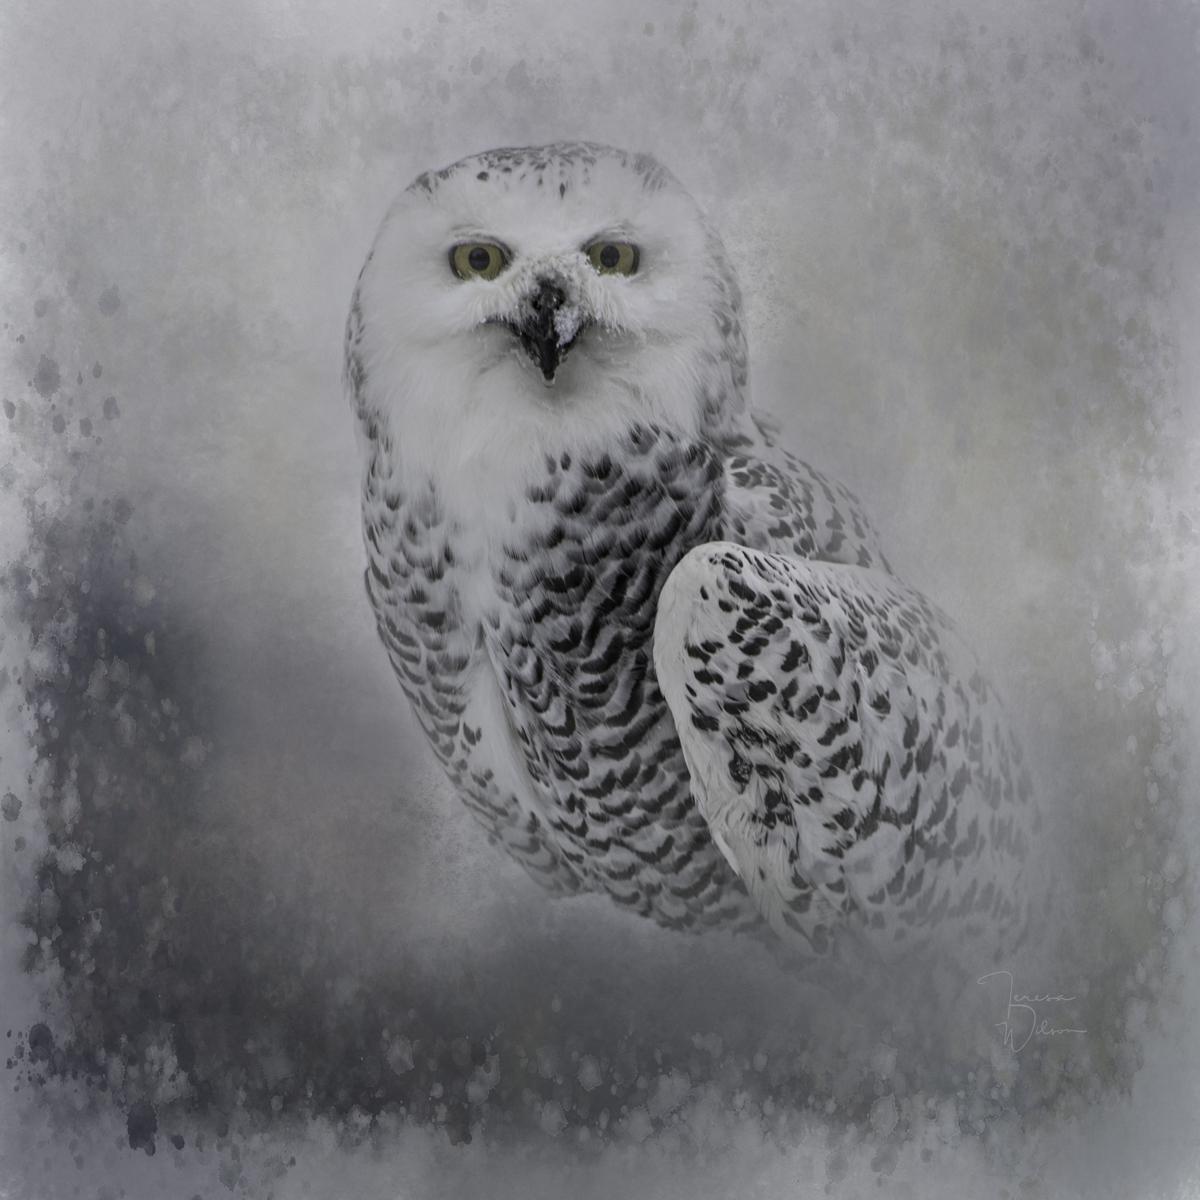 Snowy Owl Portrait (large view)